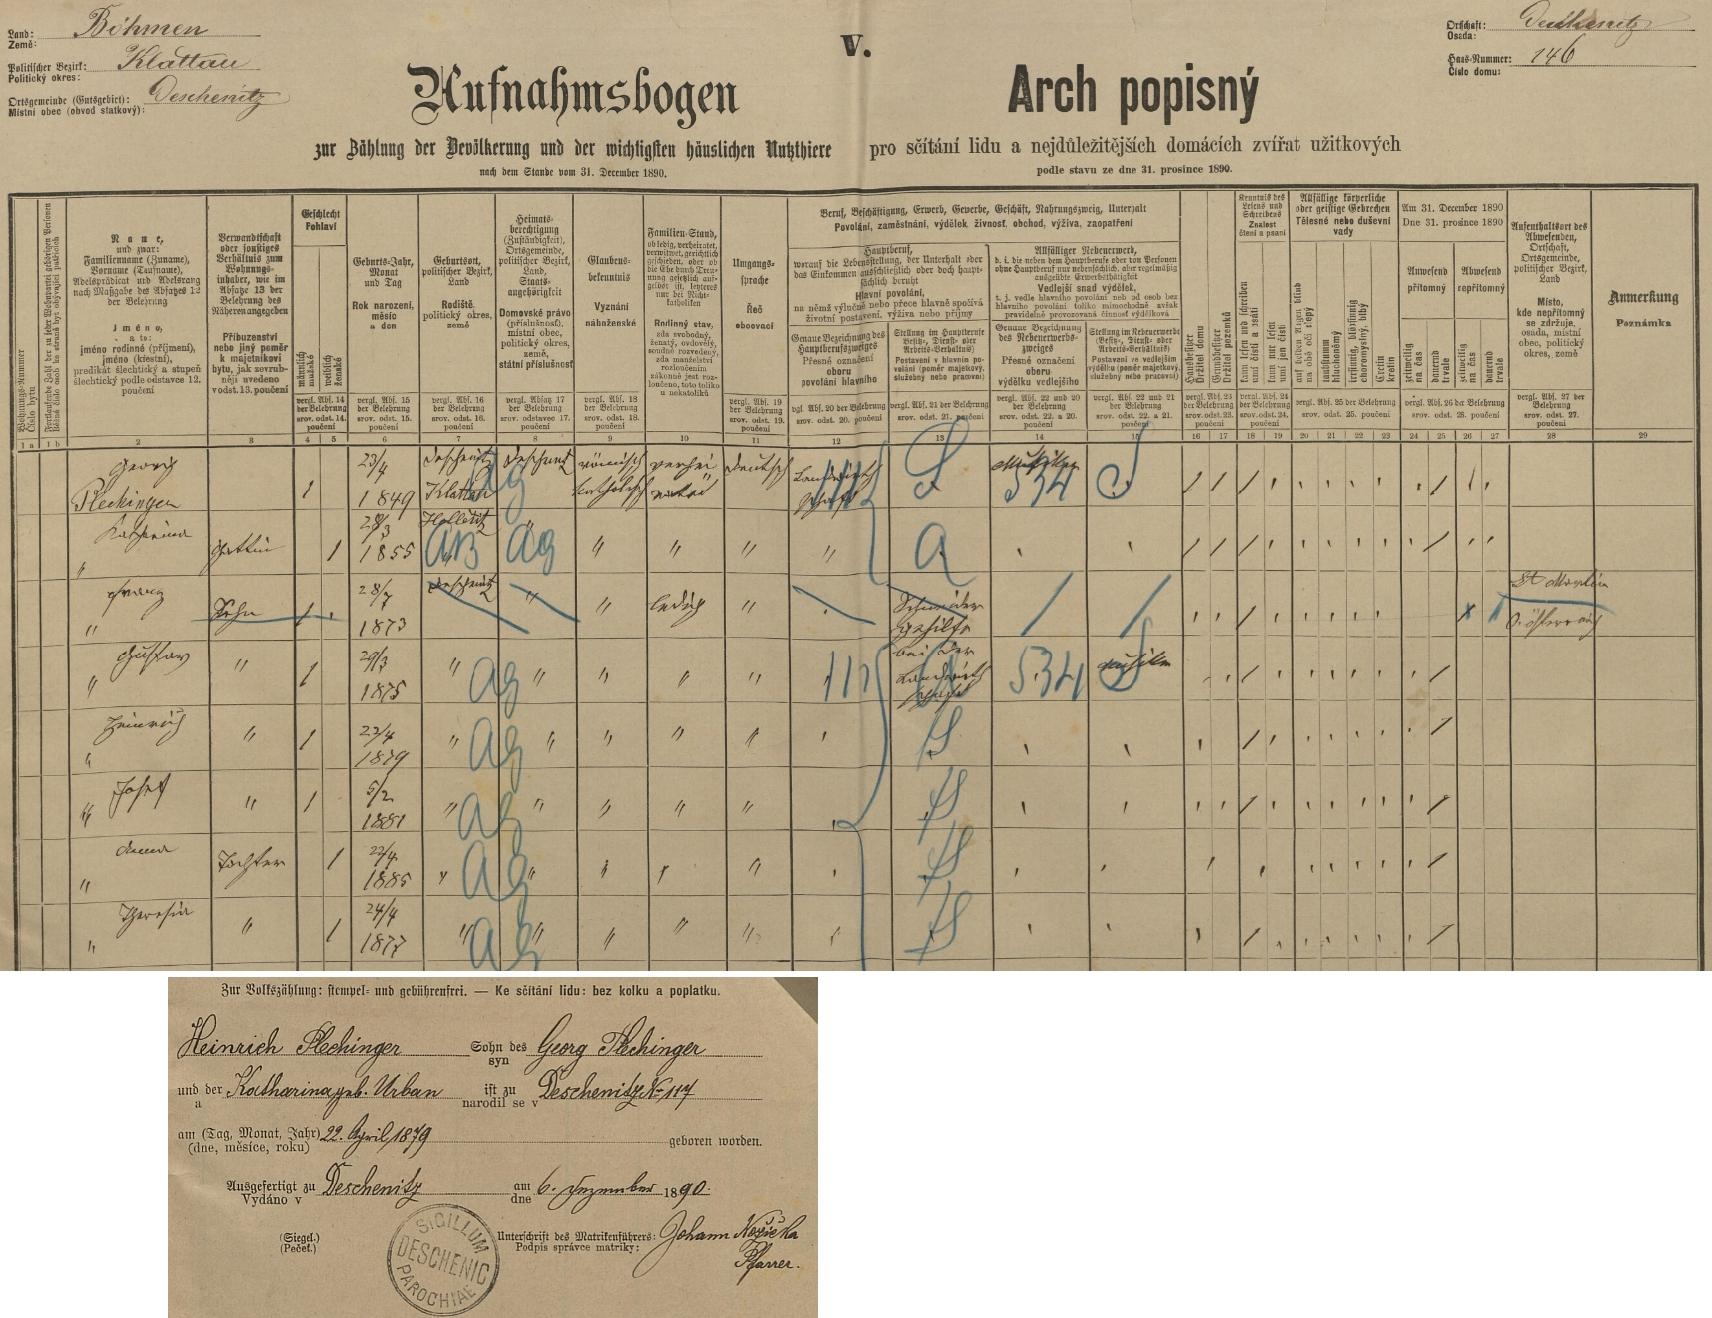 Arch sčítání lidu z roku 1890 pro dům čp. 146 v Dešenicích s rodinou Plechingerovou včetně lístku s podrobným záznamem o něm